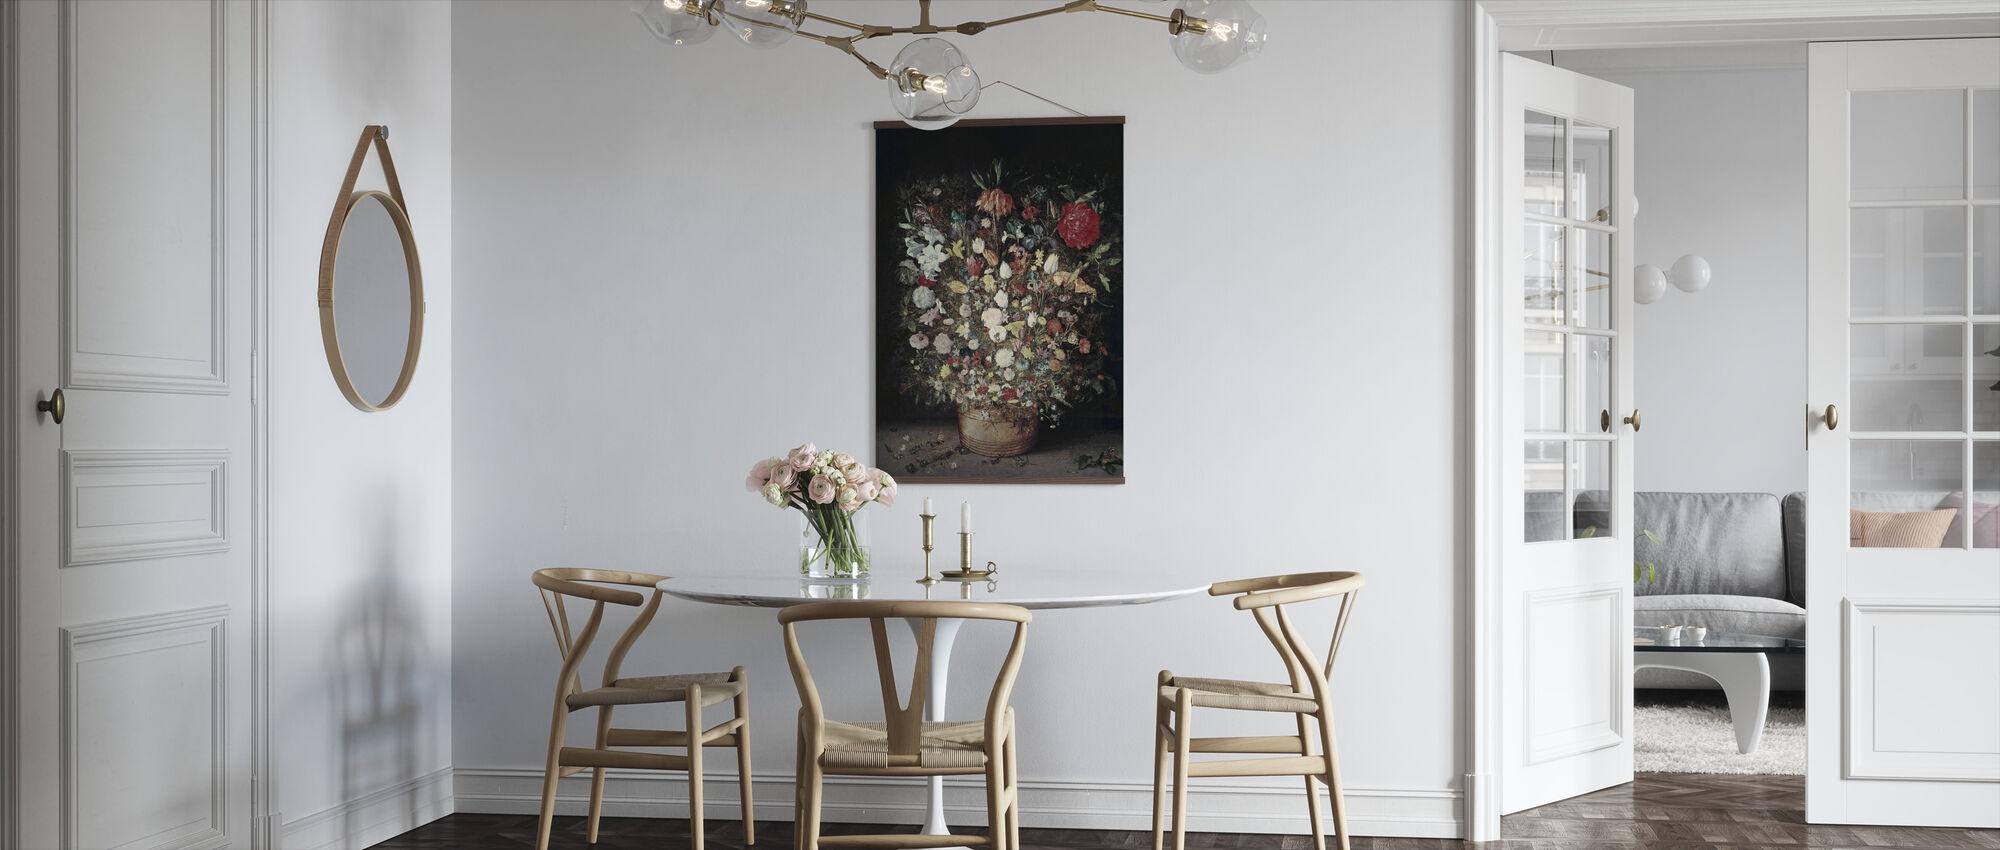 Flowers in a Wooden Vessel - Jan Brueghel the Elder - Poster - Kitchen